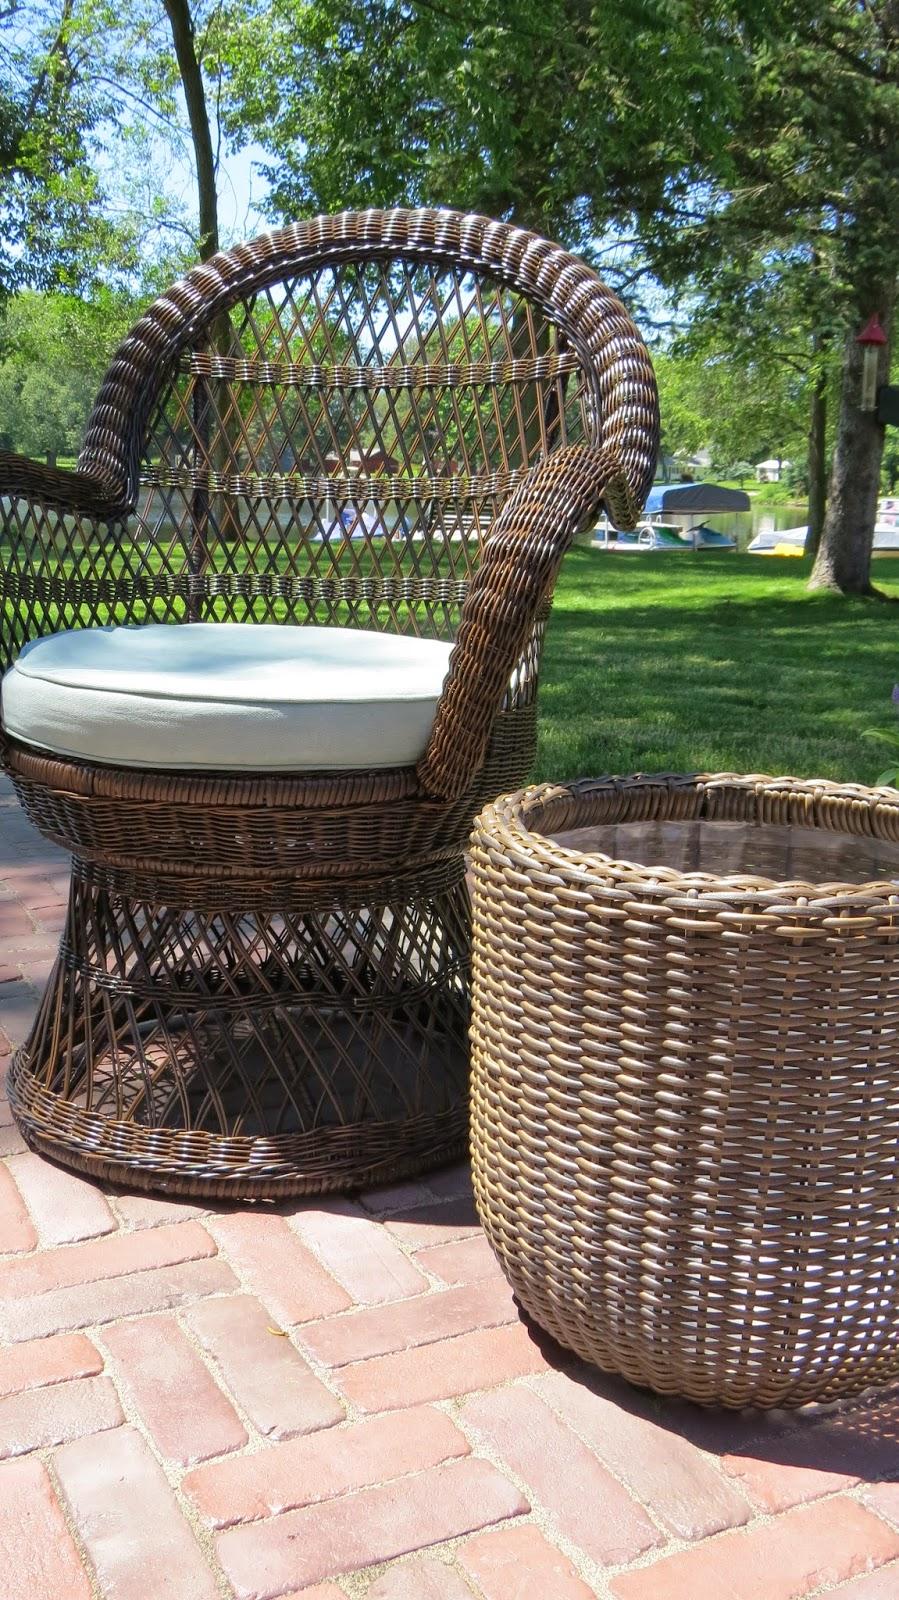 Pier 1 Imports Wicker Swivel Chair, Wicker Planter from JoAnns, Patio